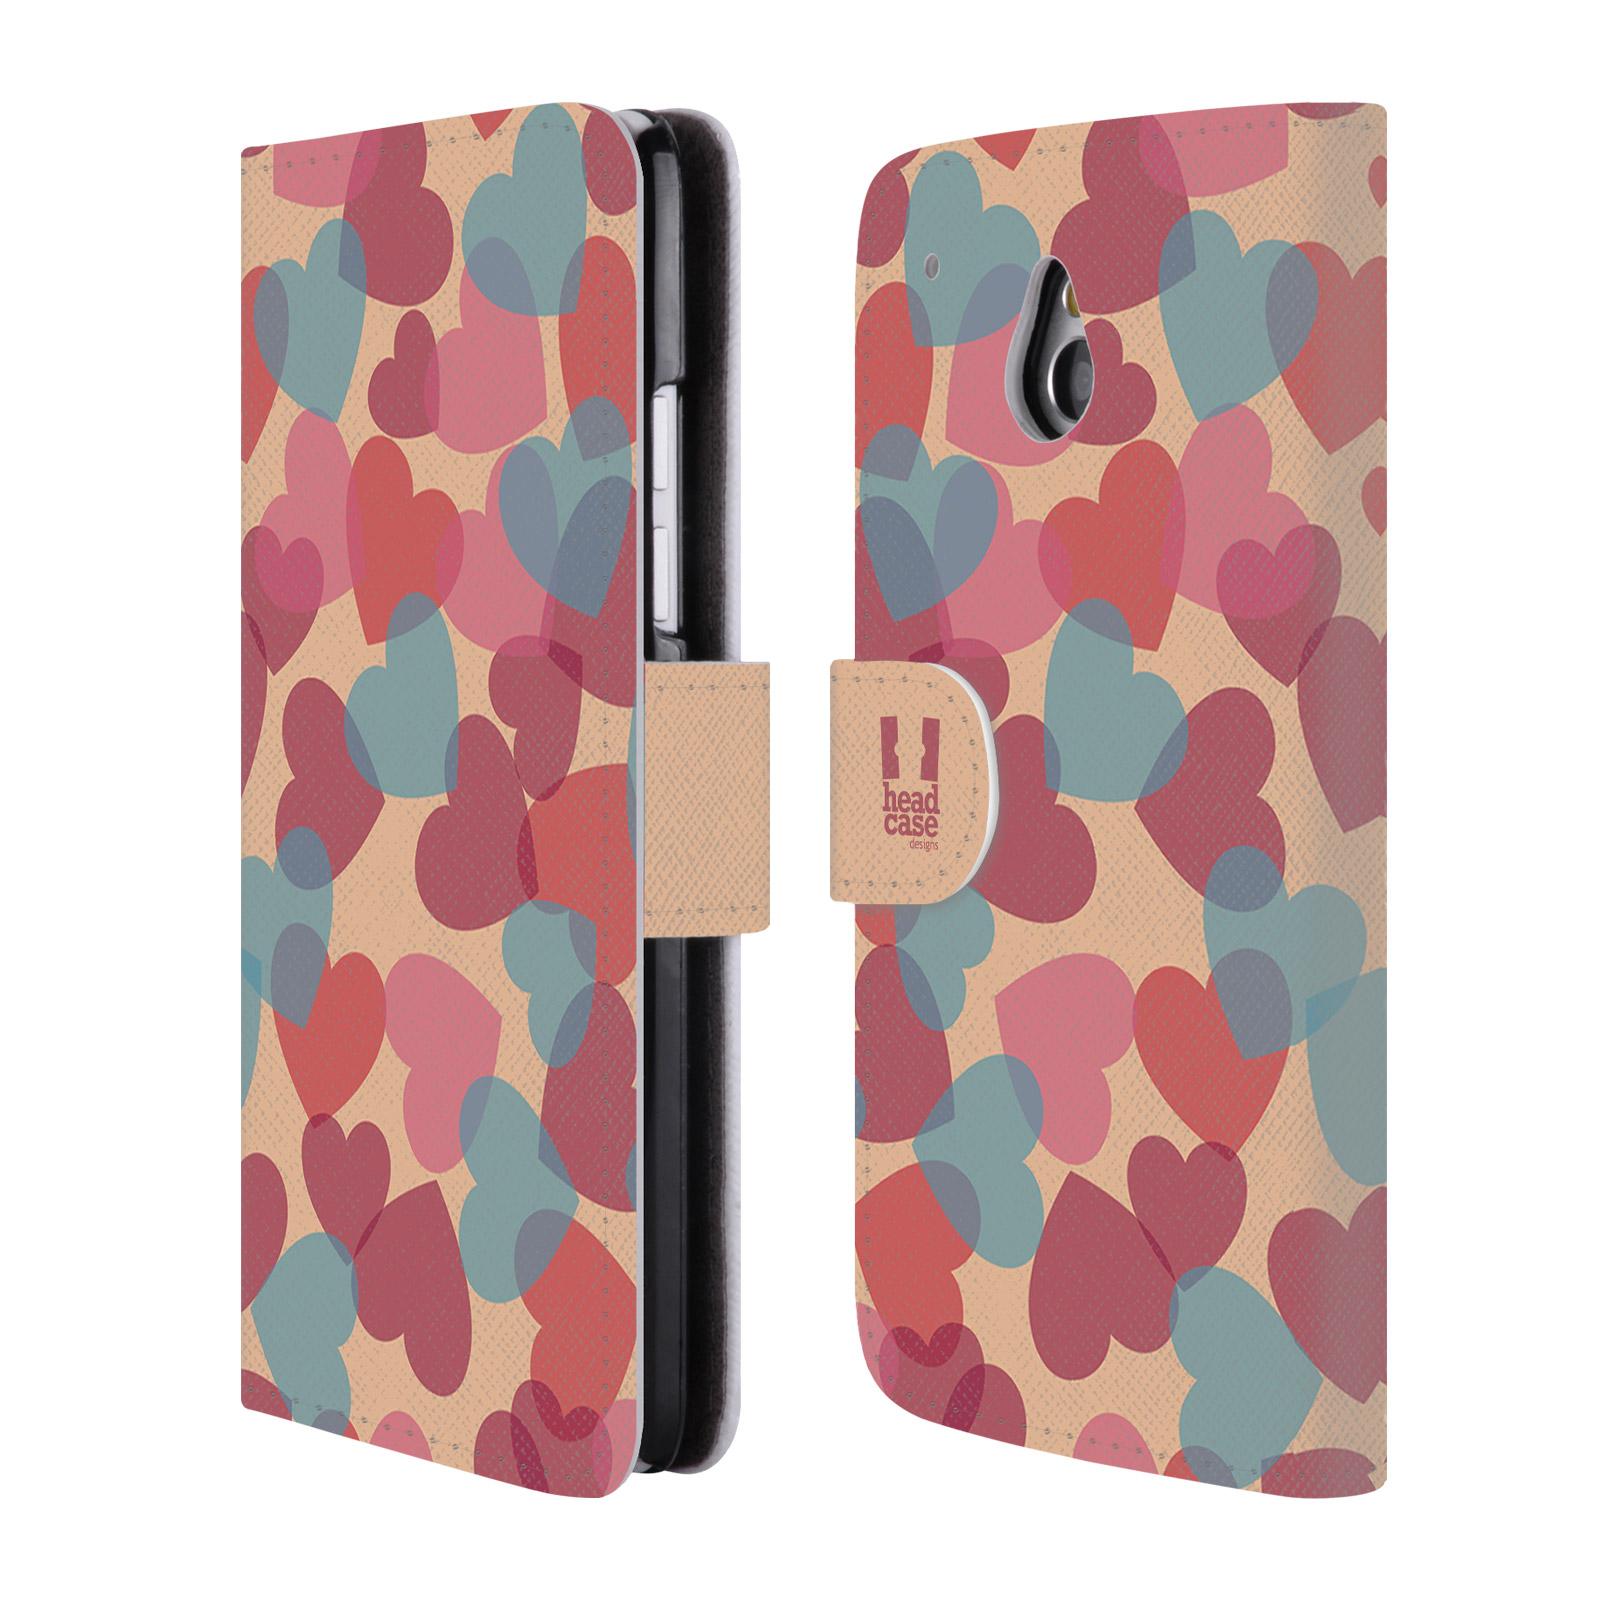 HEAD CASE Flipové pouzdro pro mobil HTC ONE MINI (M4) vzor prolínající se srdíčka, srdce, láska, růžová